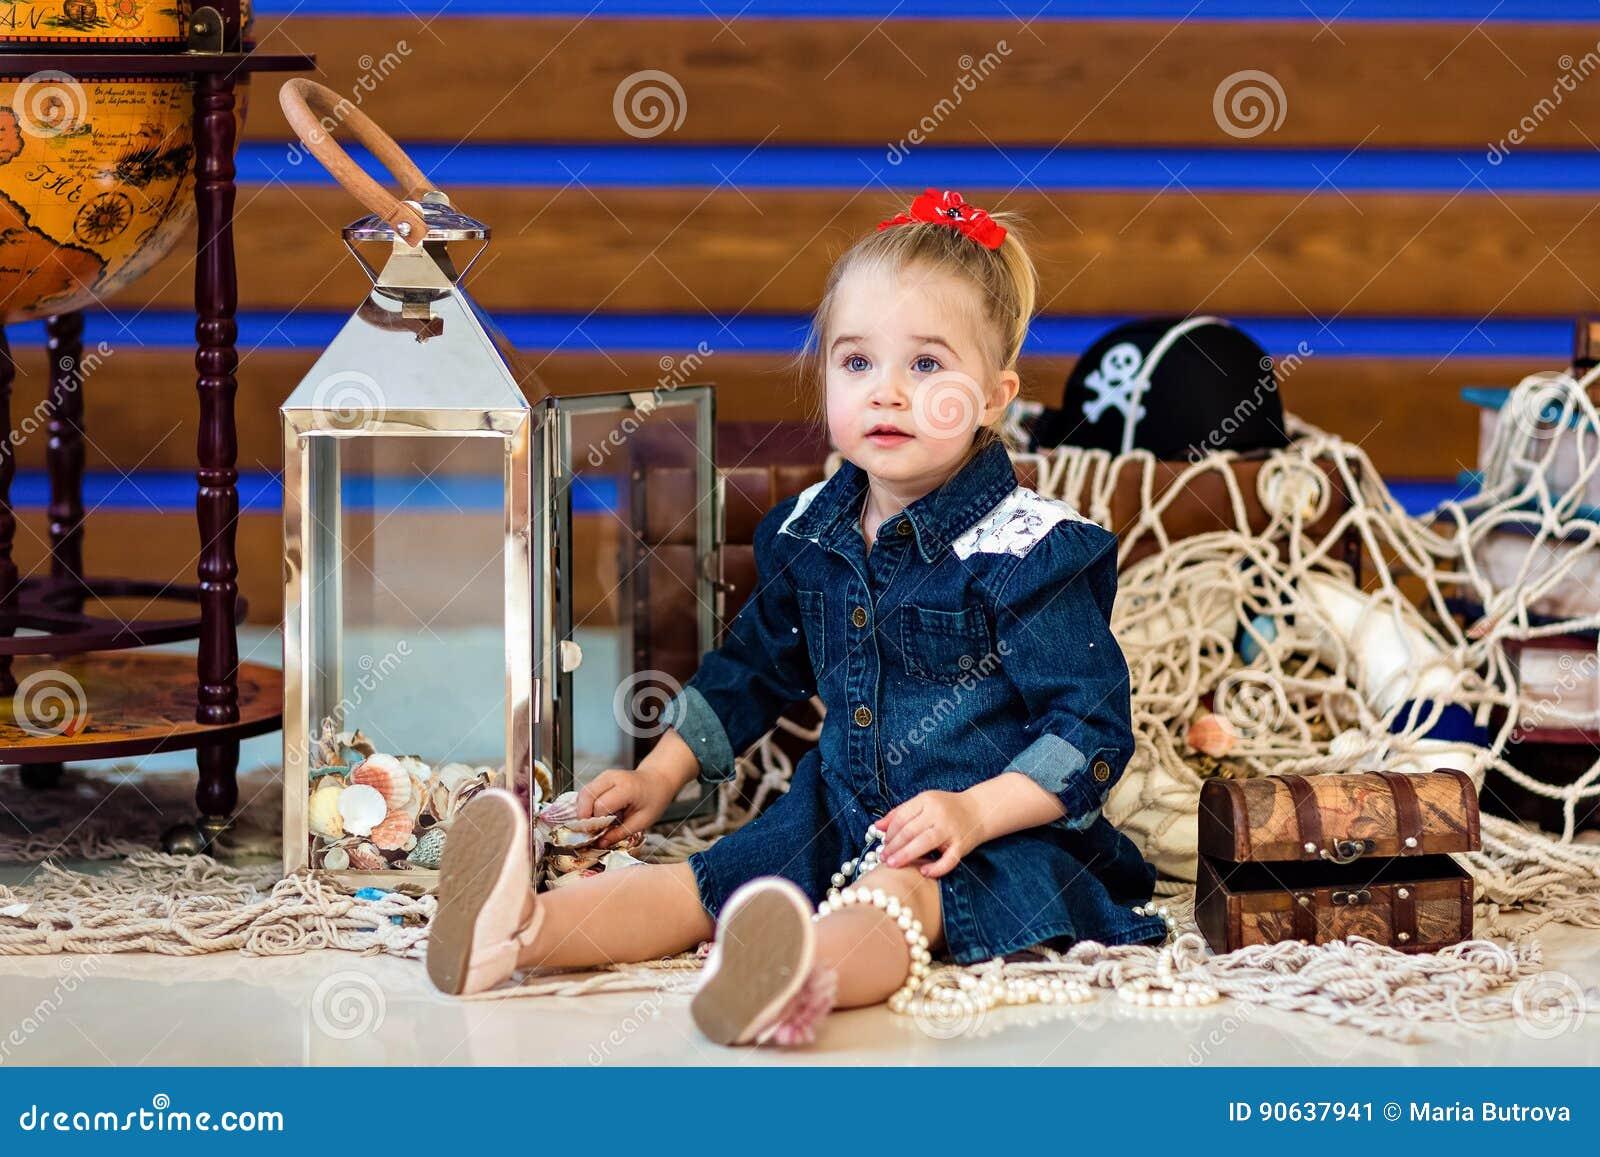 Ein kleines Kind in einem Jeanskleid, das nahe bei einer Kugel sitzt